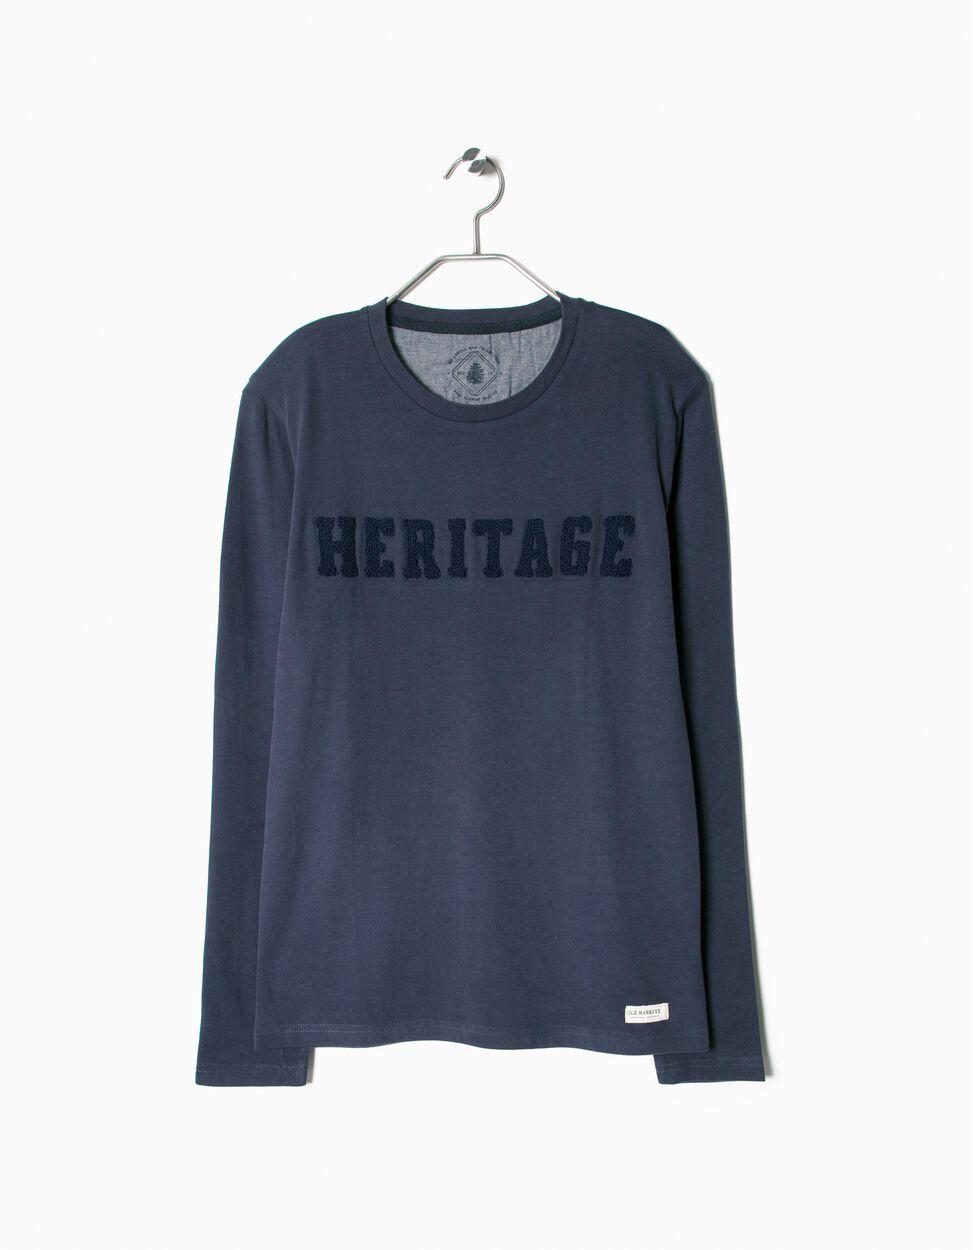 T-Shirt Mangas Compridas Heritage